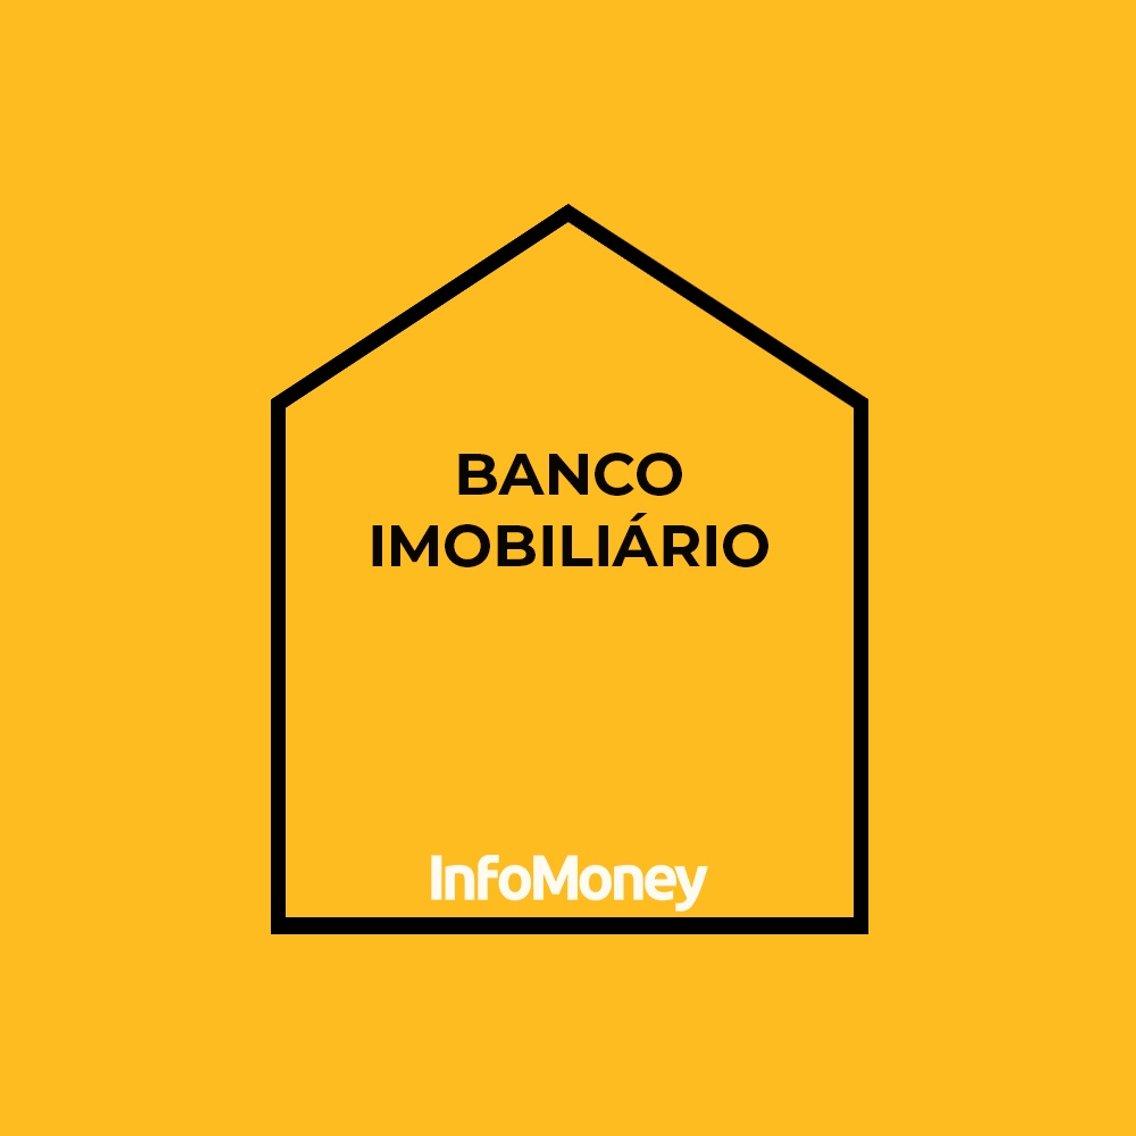 Banco Imobiliário - imagen de portada